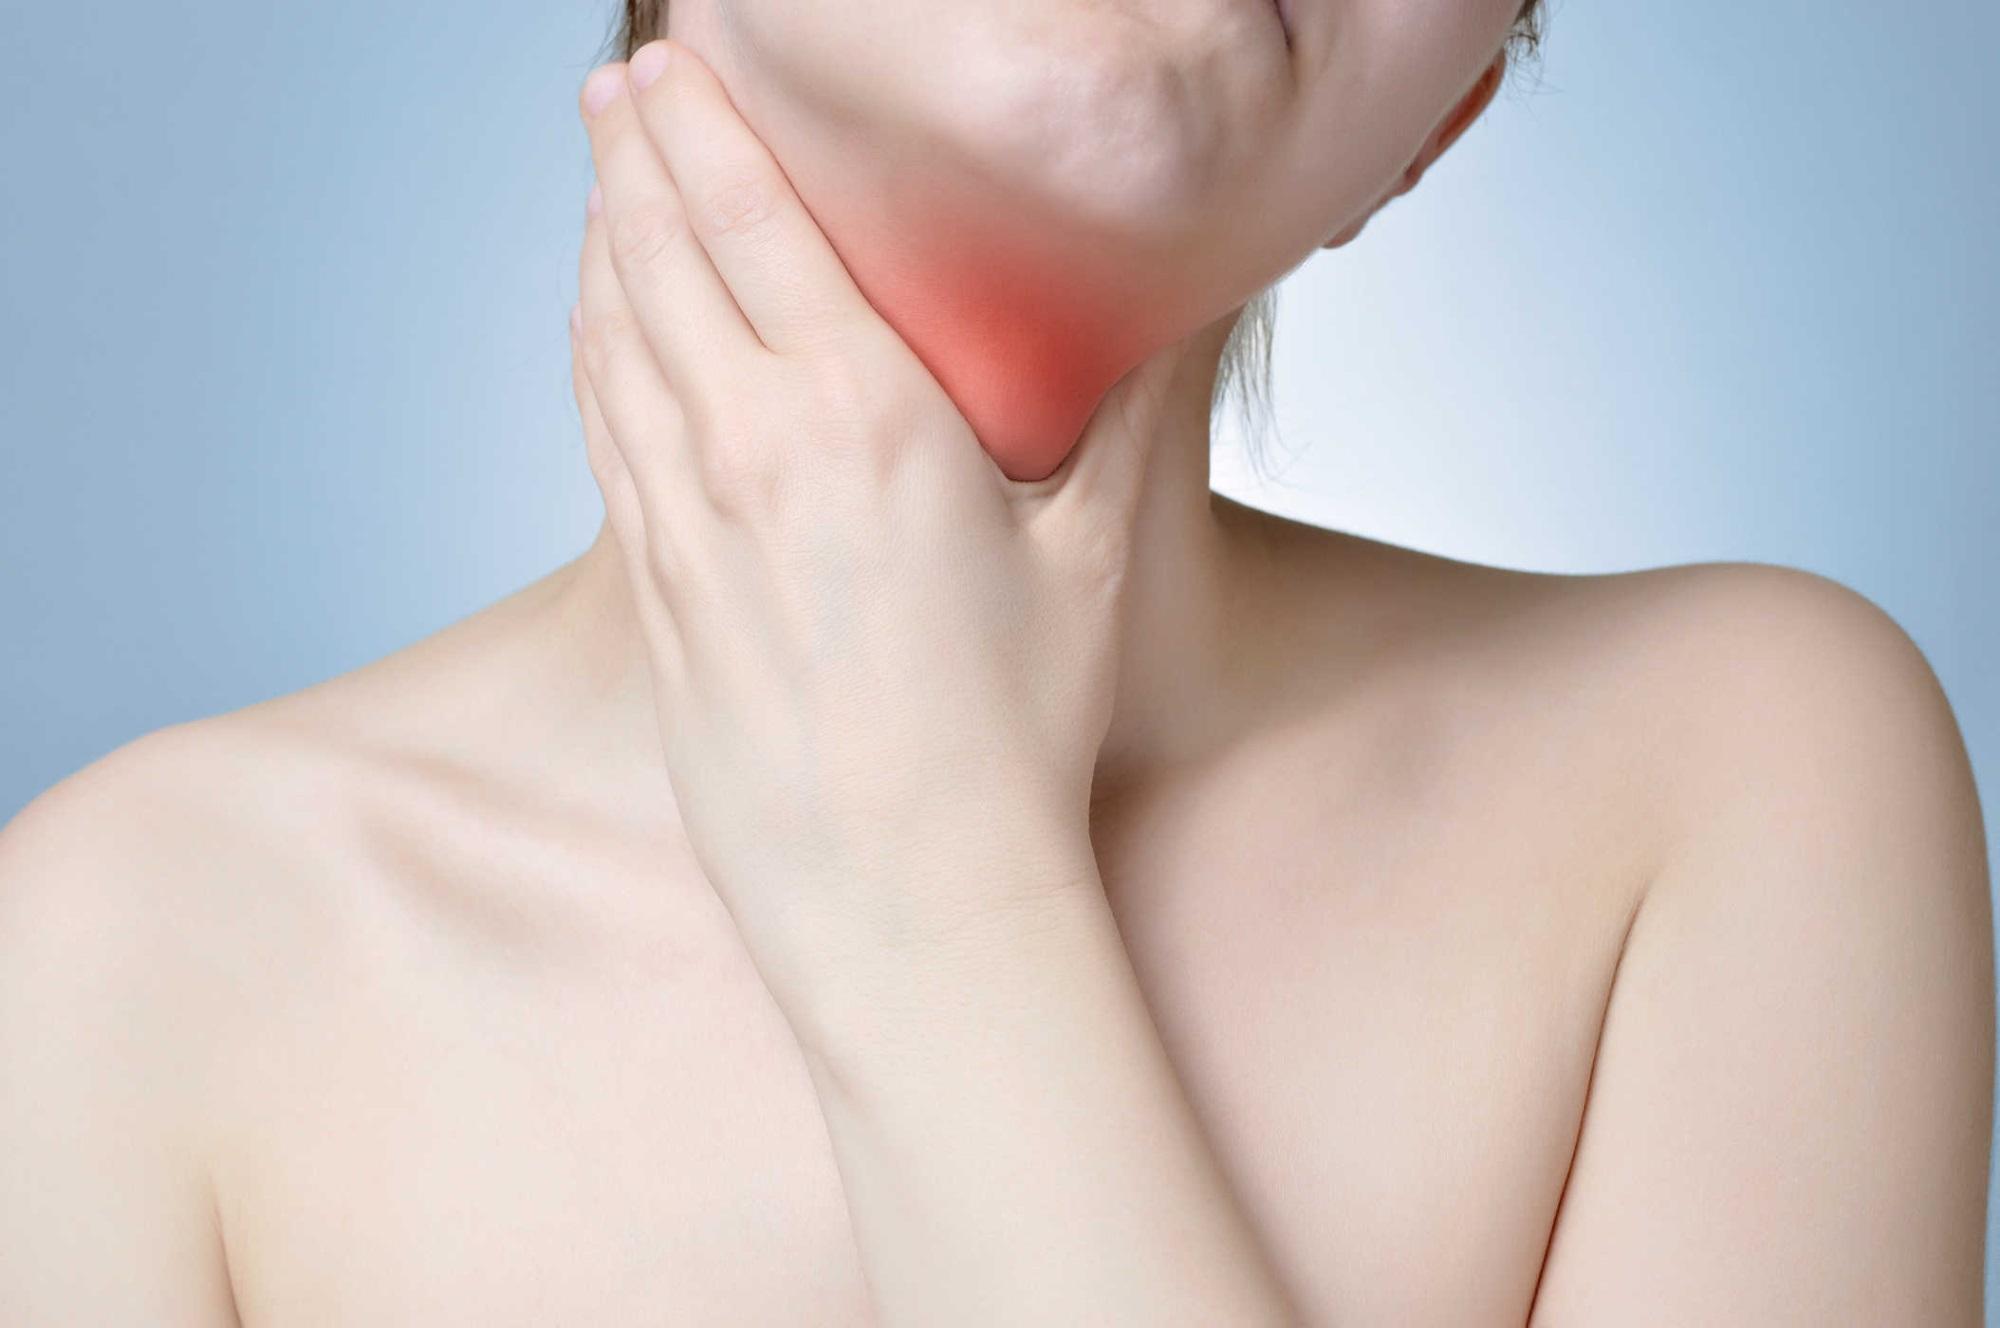 Chế độ dinh dưỡng đóng vai trò rất quan trọng trong quá trình chữa bệnh tuyến giáp